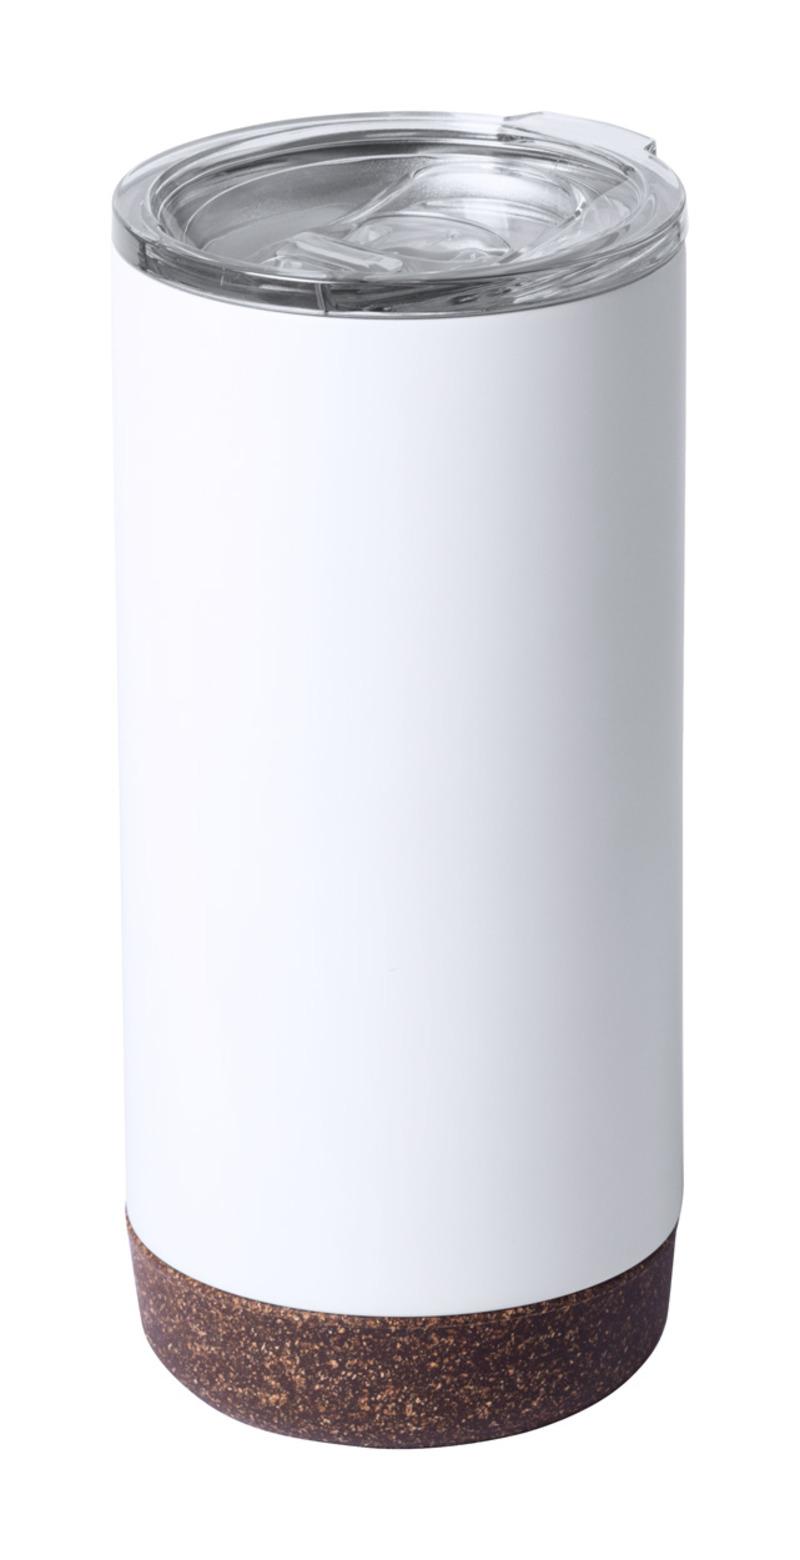 Shifen thermo mug